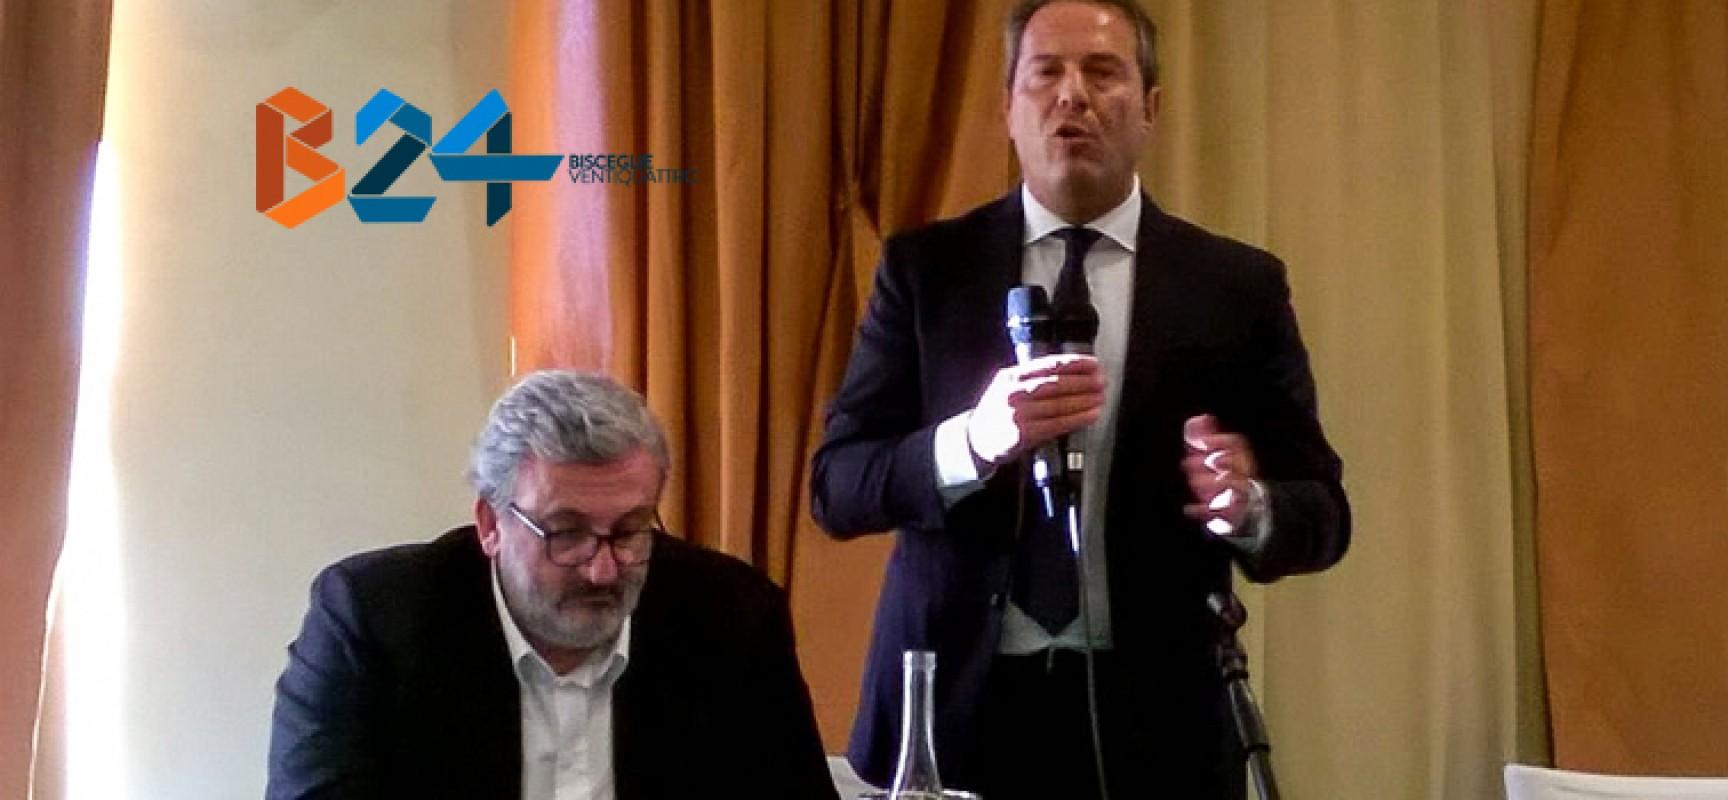 """Spina coordinatore della lista Emiliano sindaco di Puglia: """"Porterò le mie dimissioni all'attenzione del consiglio provinciale"""""""